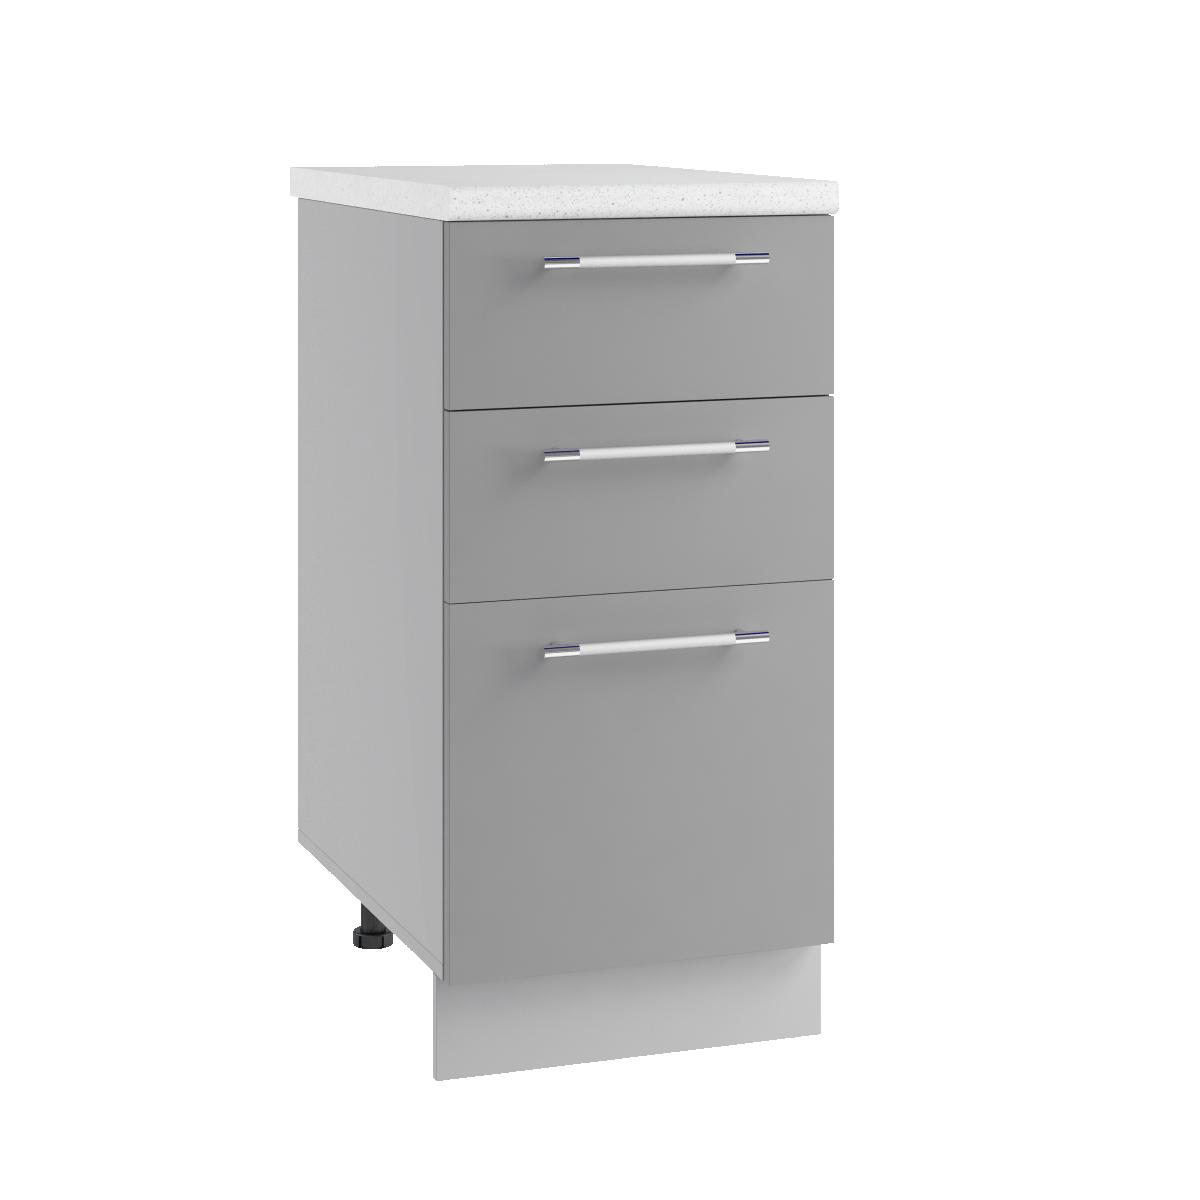 Кухня Орио Шкаф нижний СЯ 400 с ящиками